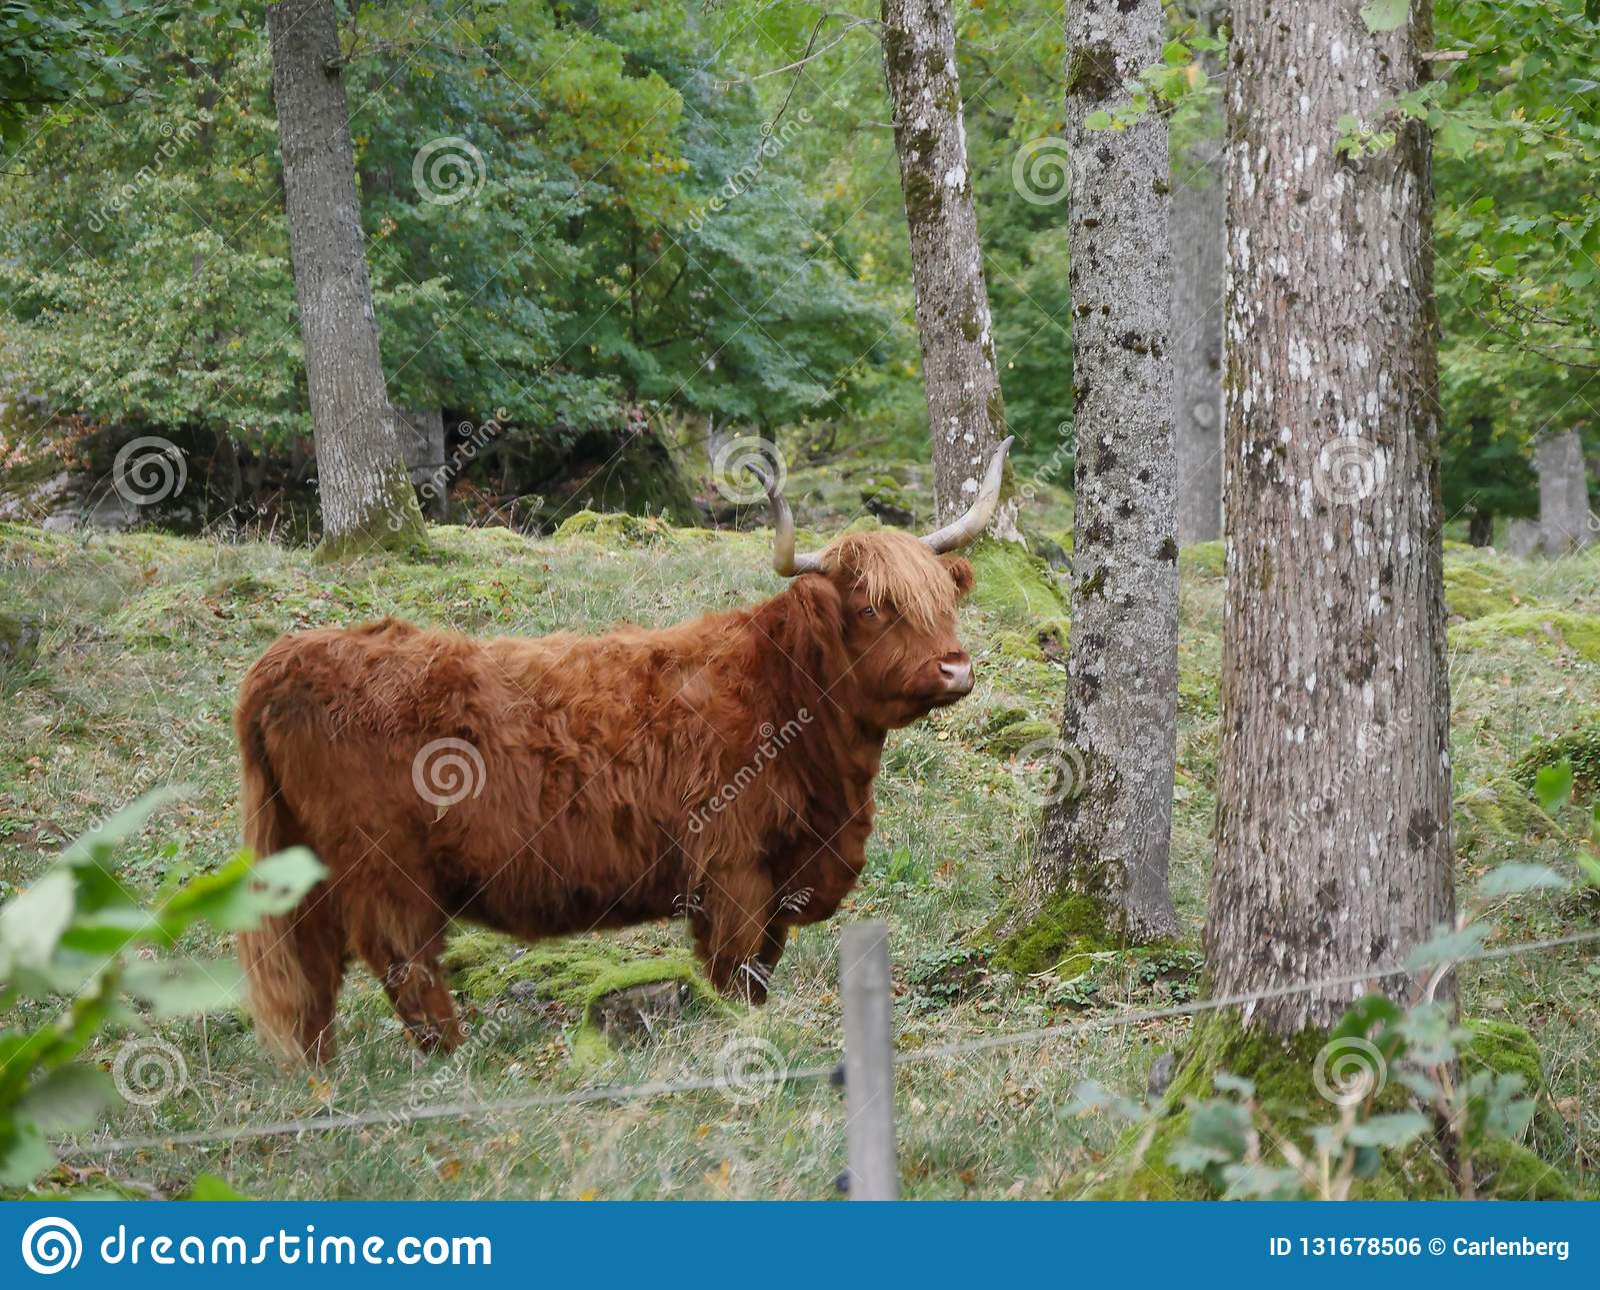 Βοοειδή ορεινών περιοχών που περπατούν στη φύση